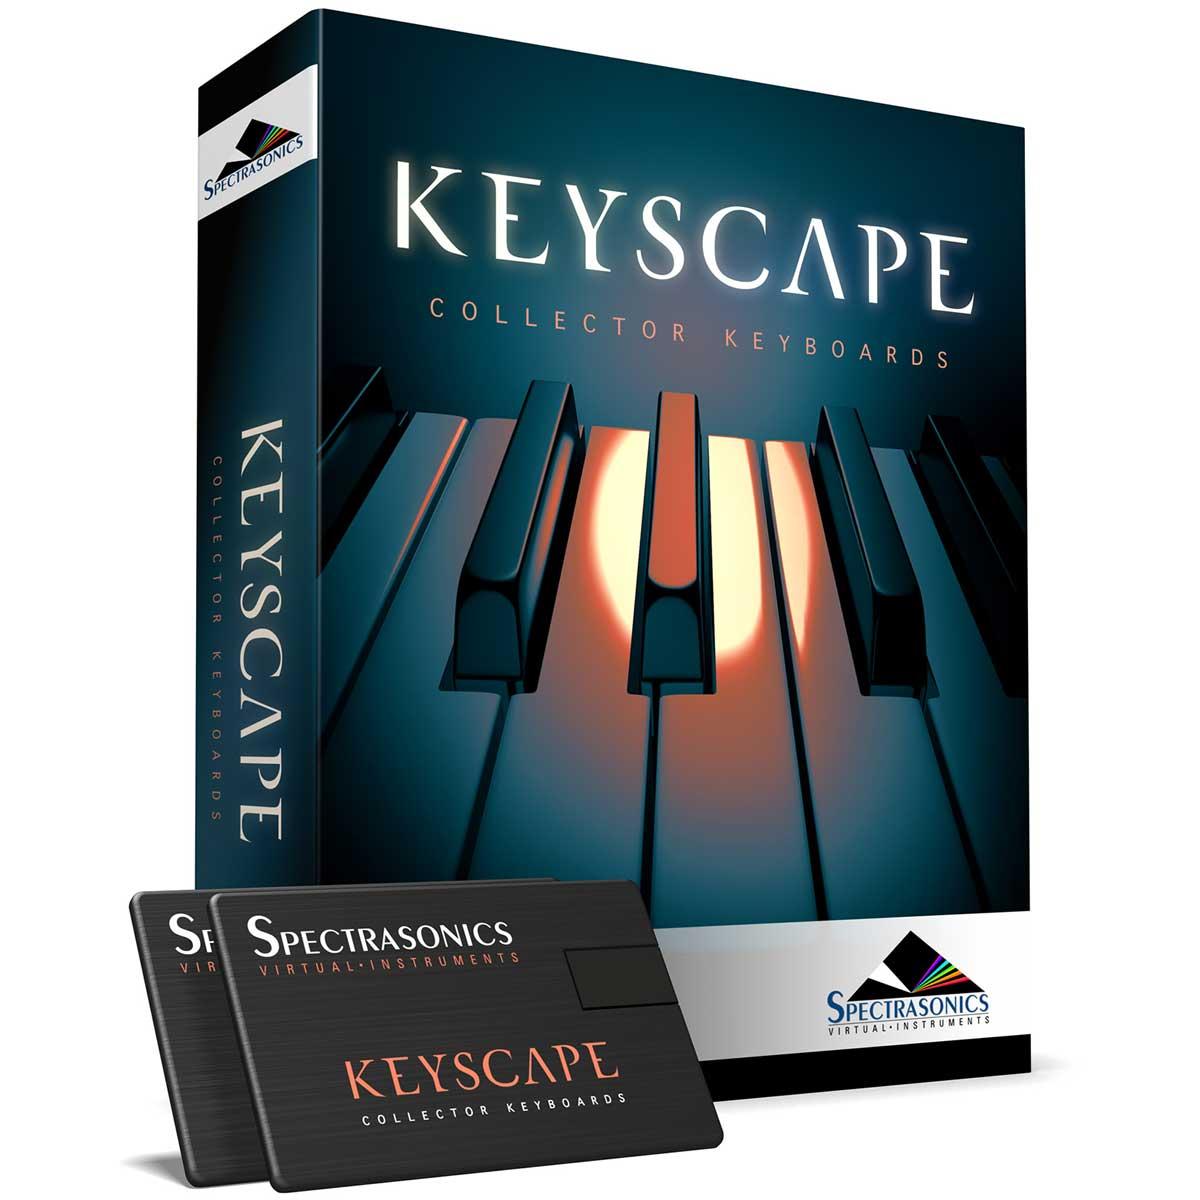 【在庫あり】SPECTRASONICS スペクトラソニックス / Keyscape